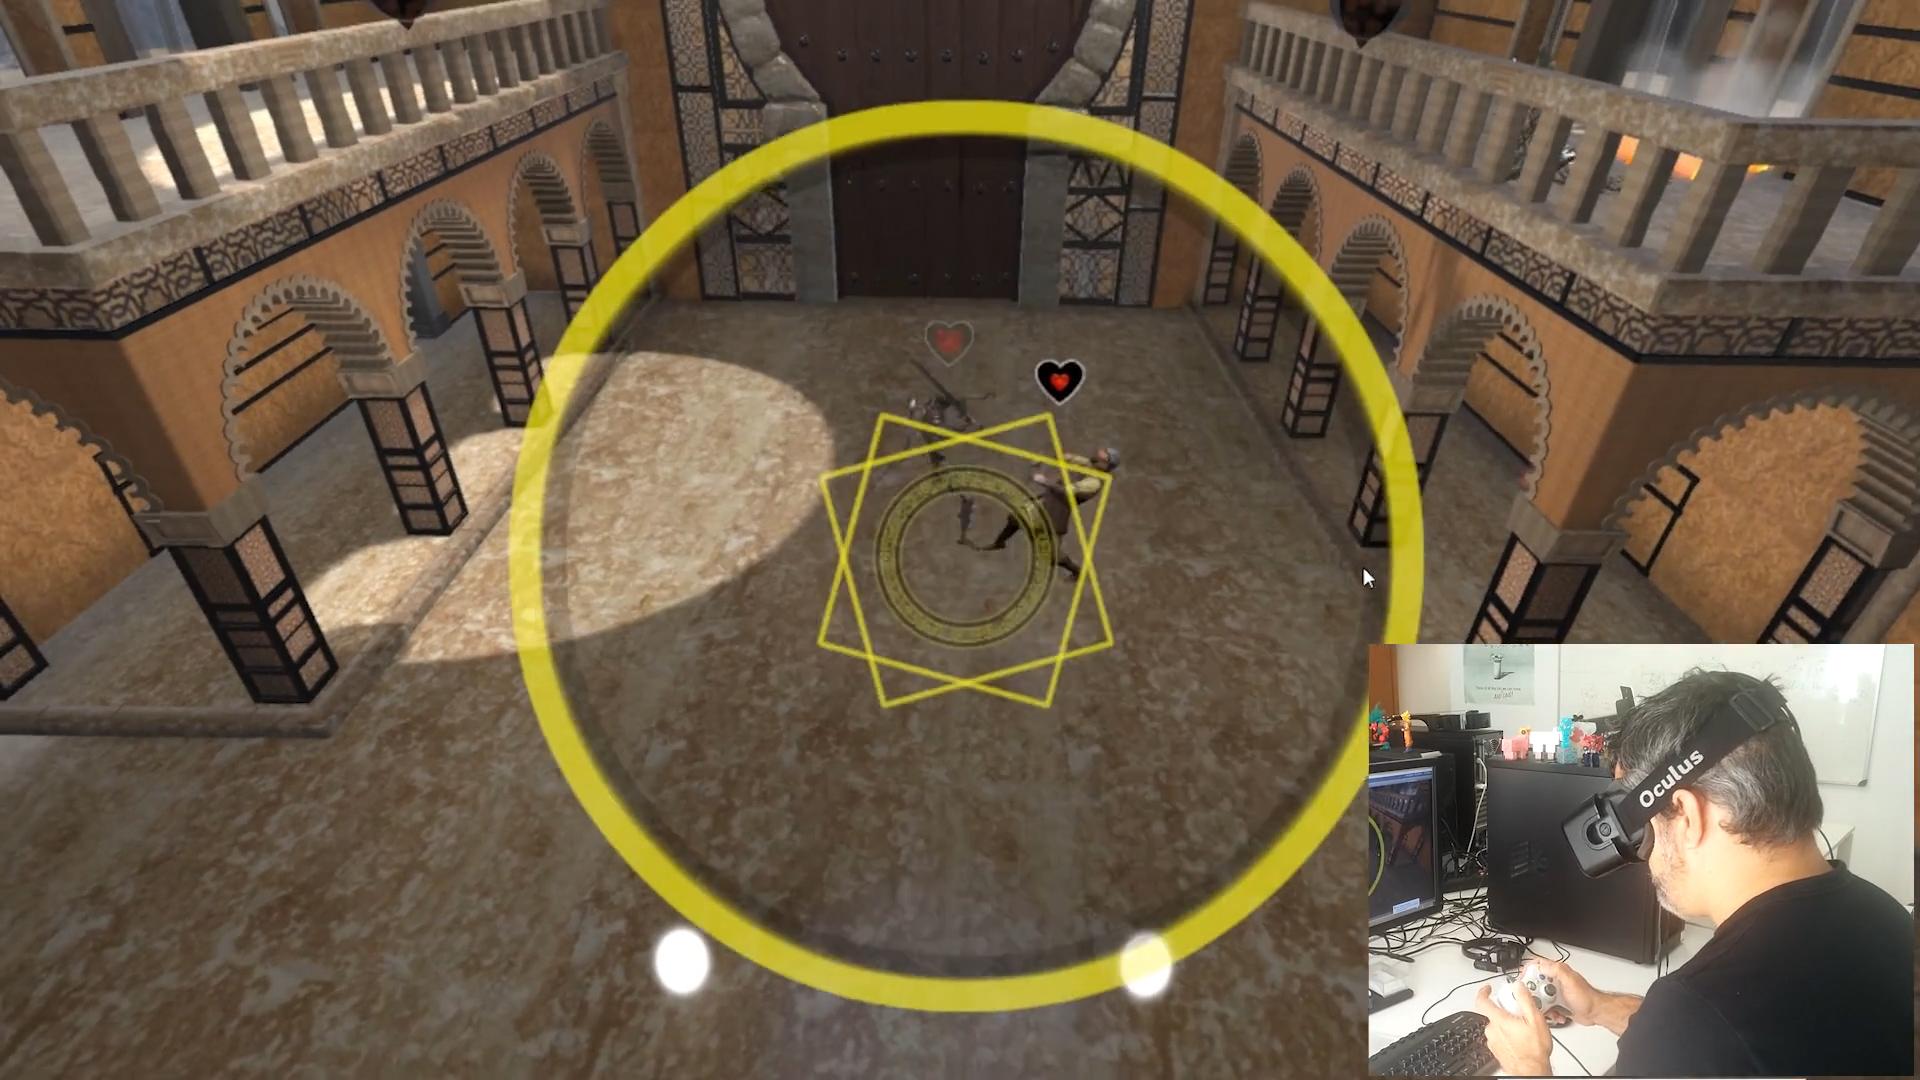 Alhambra Quest VR - an Oculus rift development by Greyman Studios